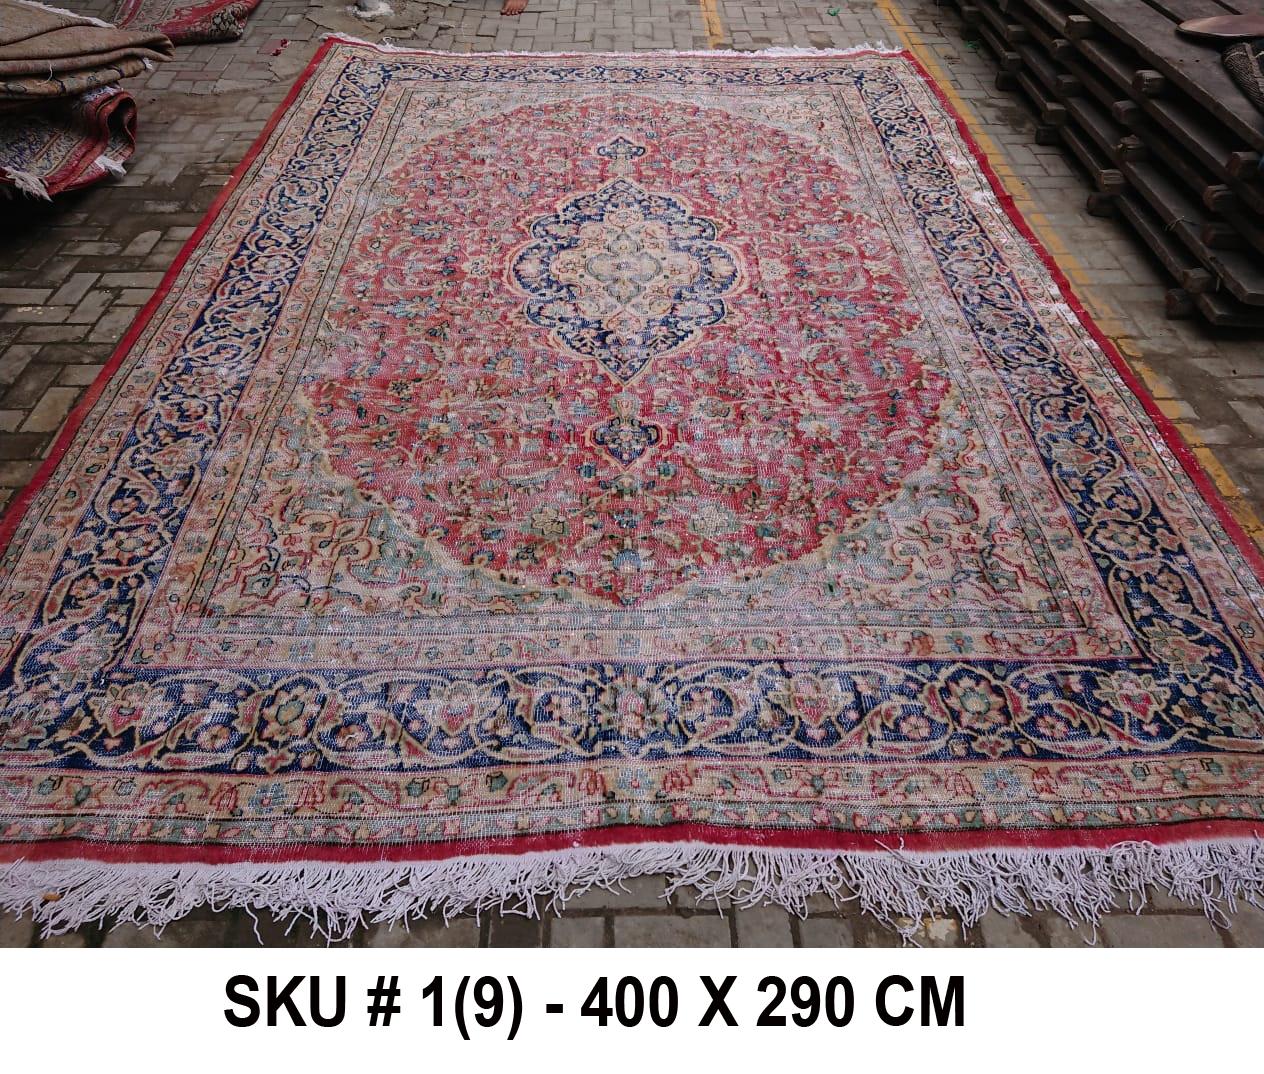 Vintage vloerkleed rood met blauw, nr.98005, 400cm x 290cm